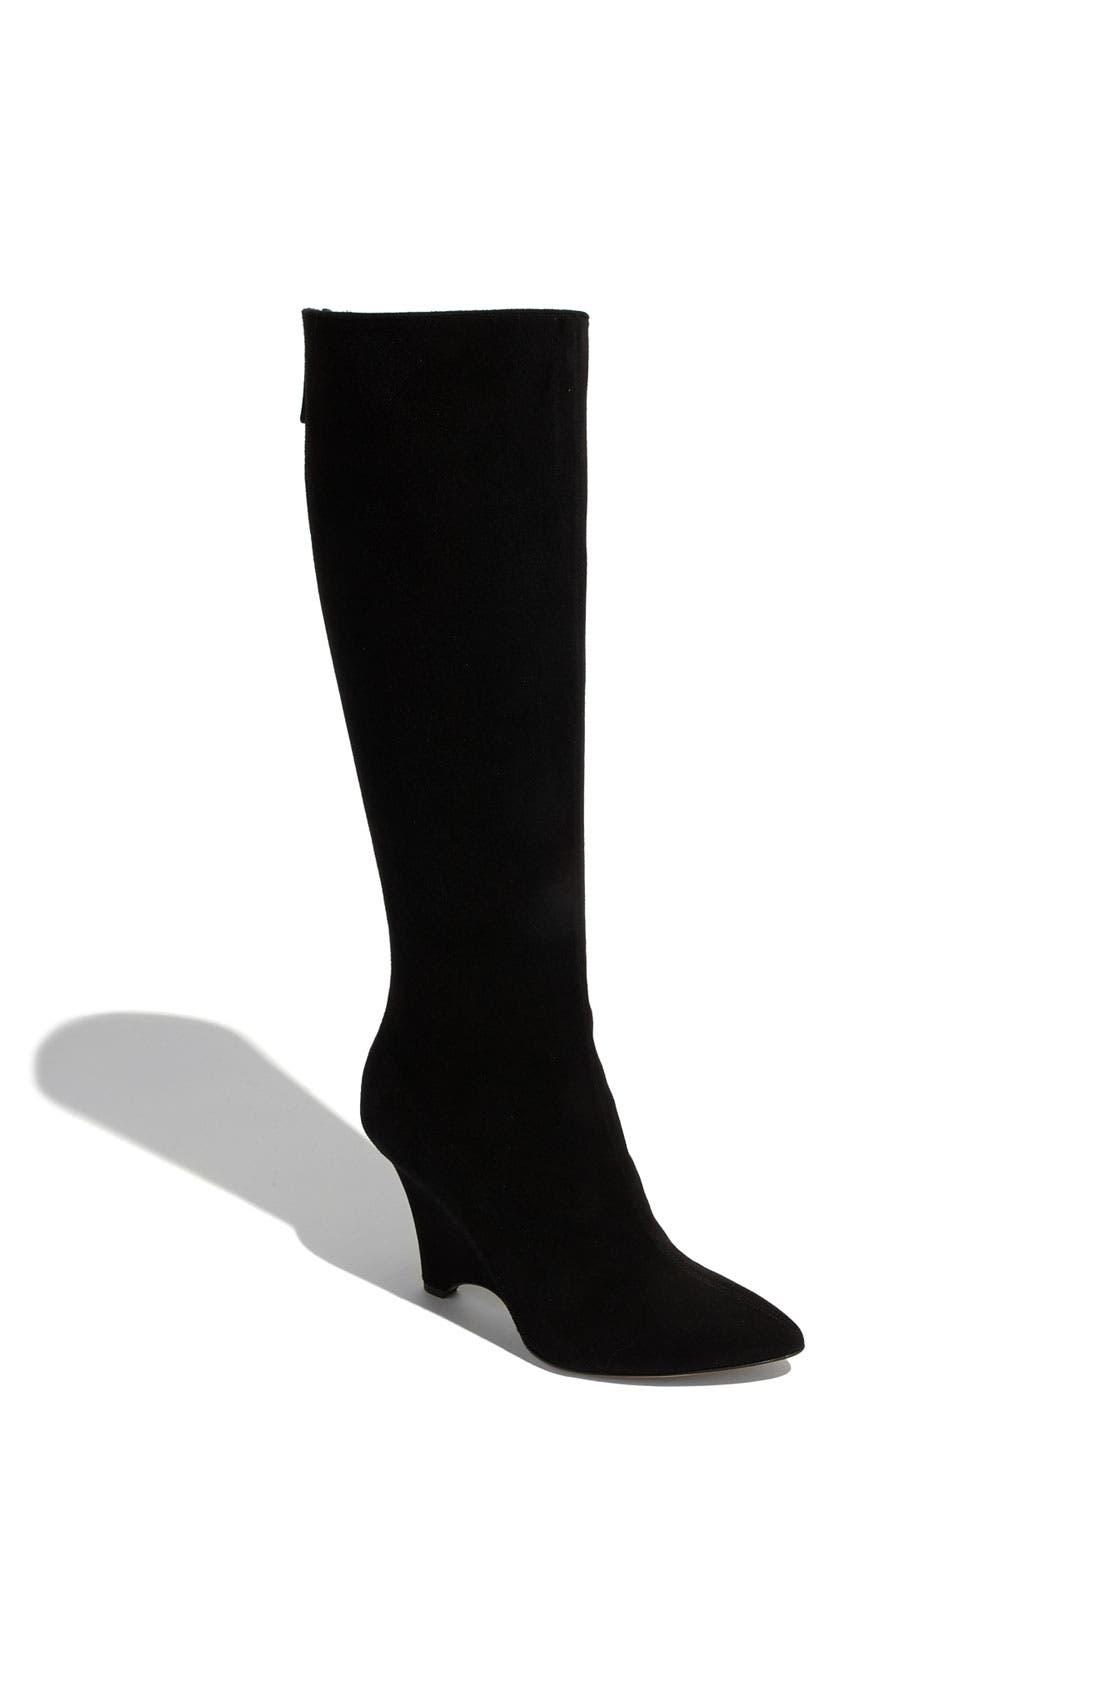 Alternate Image 1 Selected - kate spade new york 'darya' boot